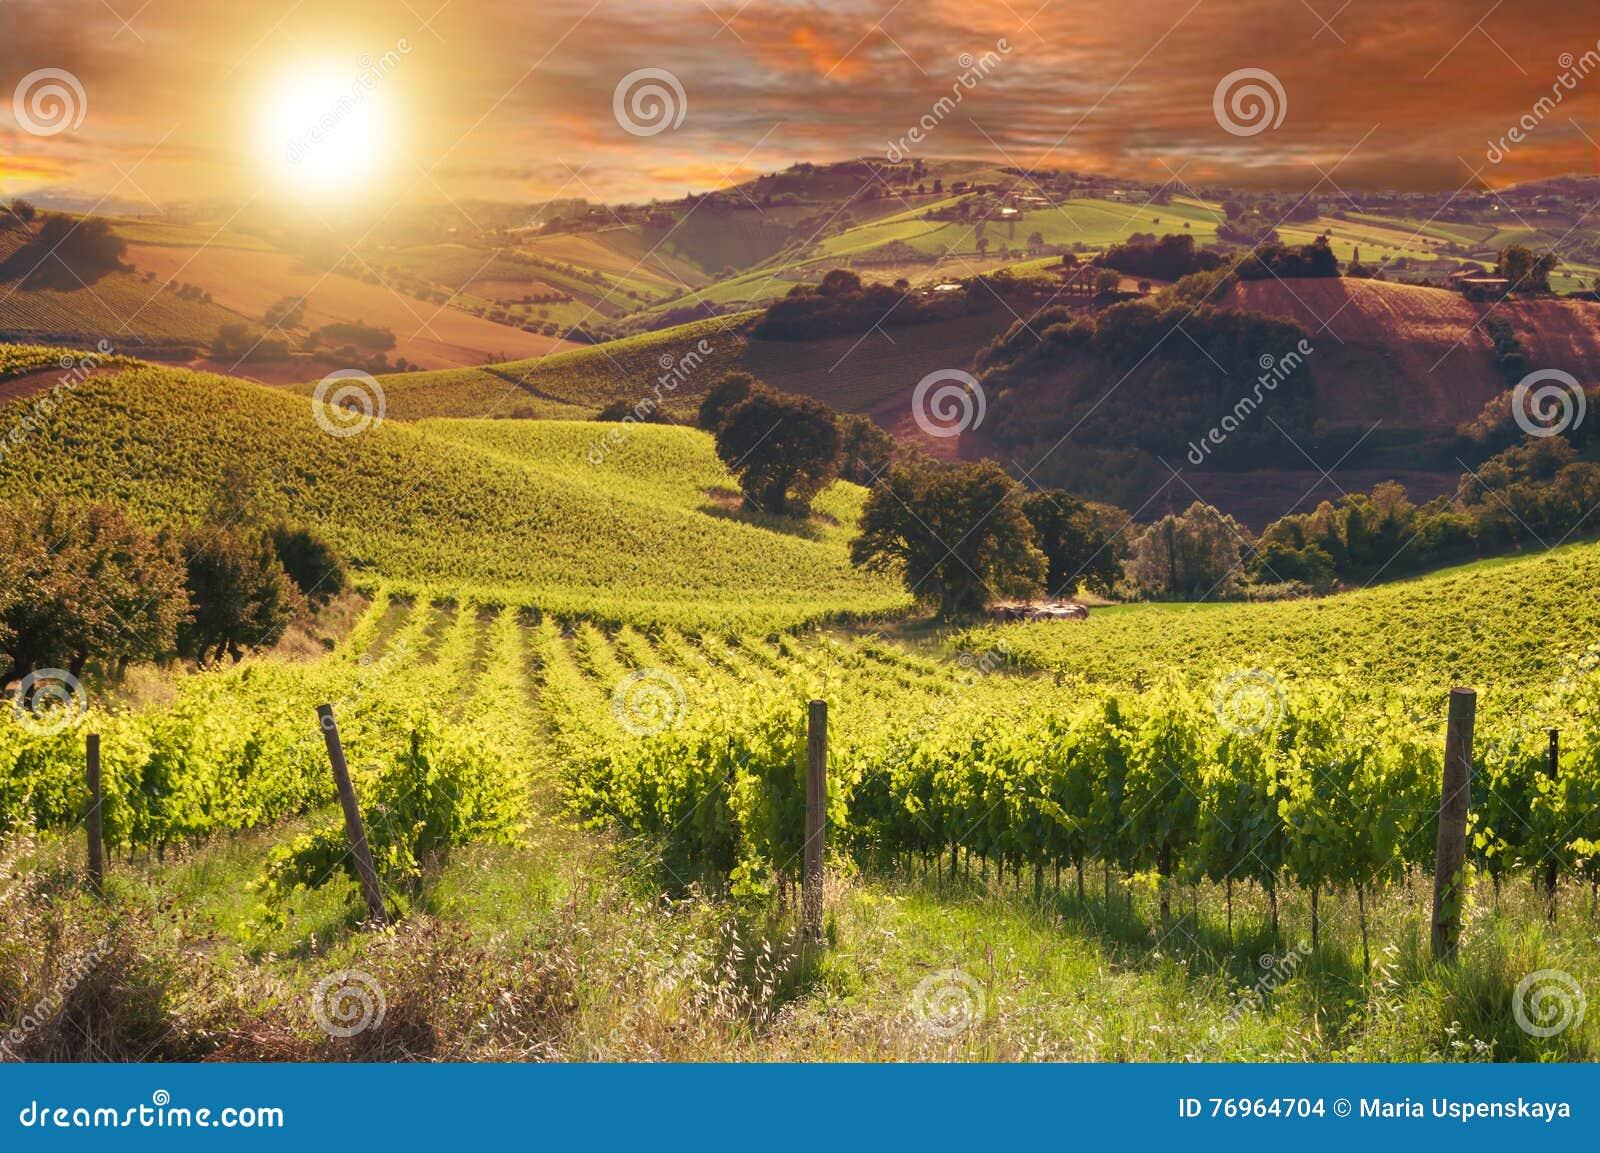 Paysage rural avec un vignoble vert parmi des collines